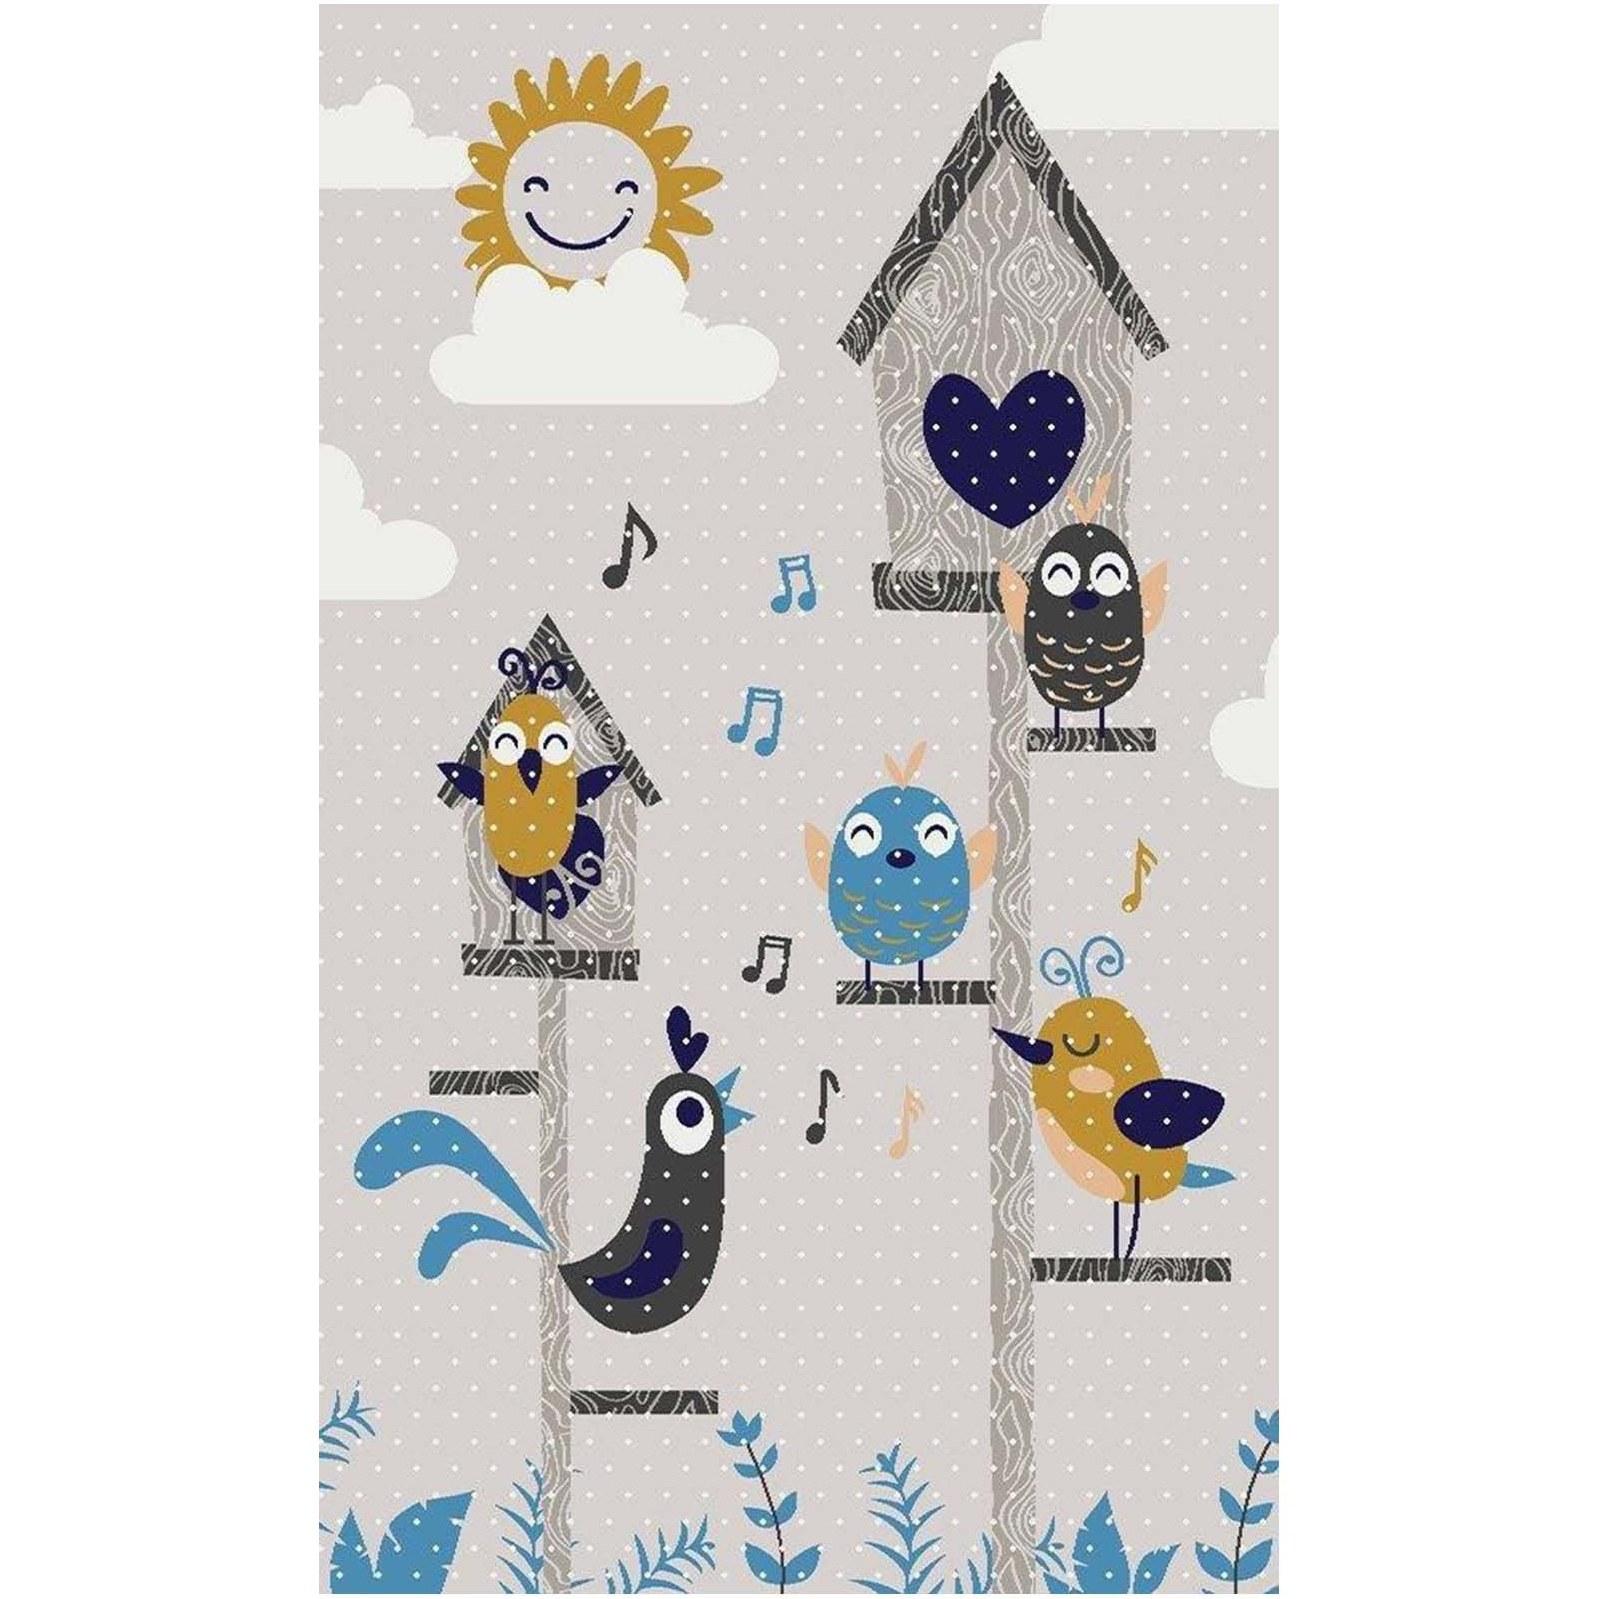 تصویر فرش 400 شانه کودک طرح پرندگان شاد